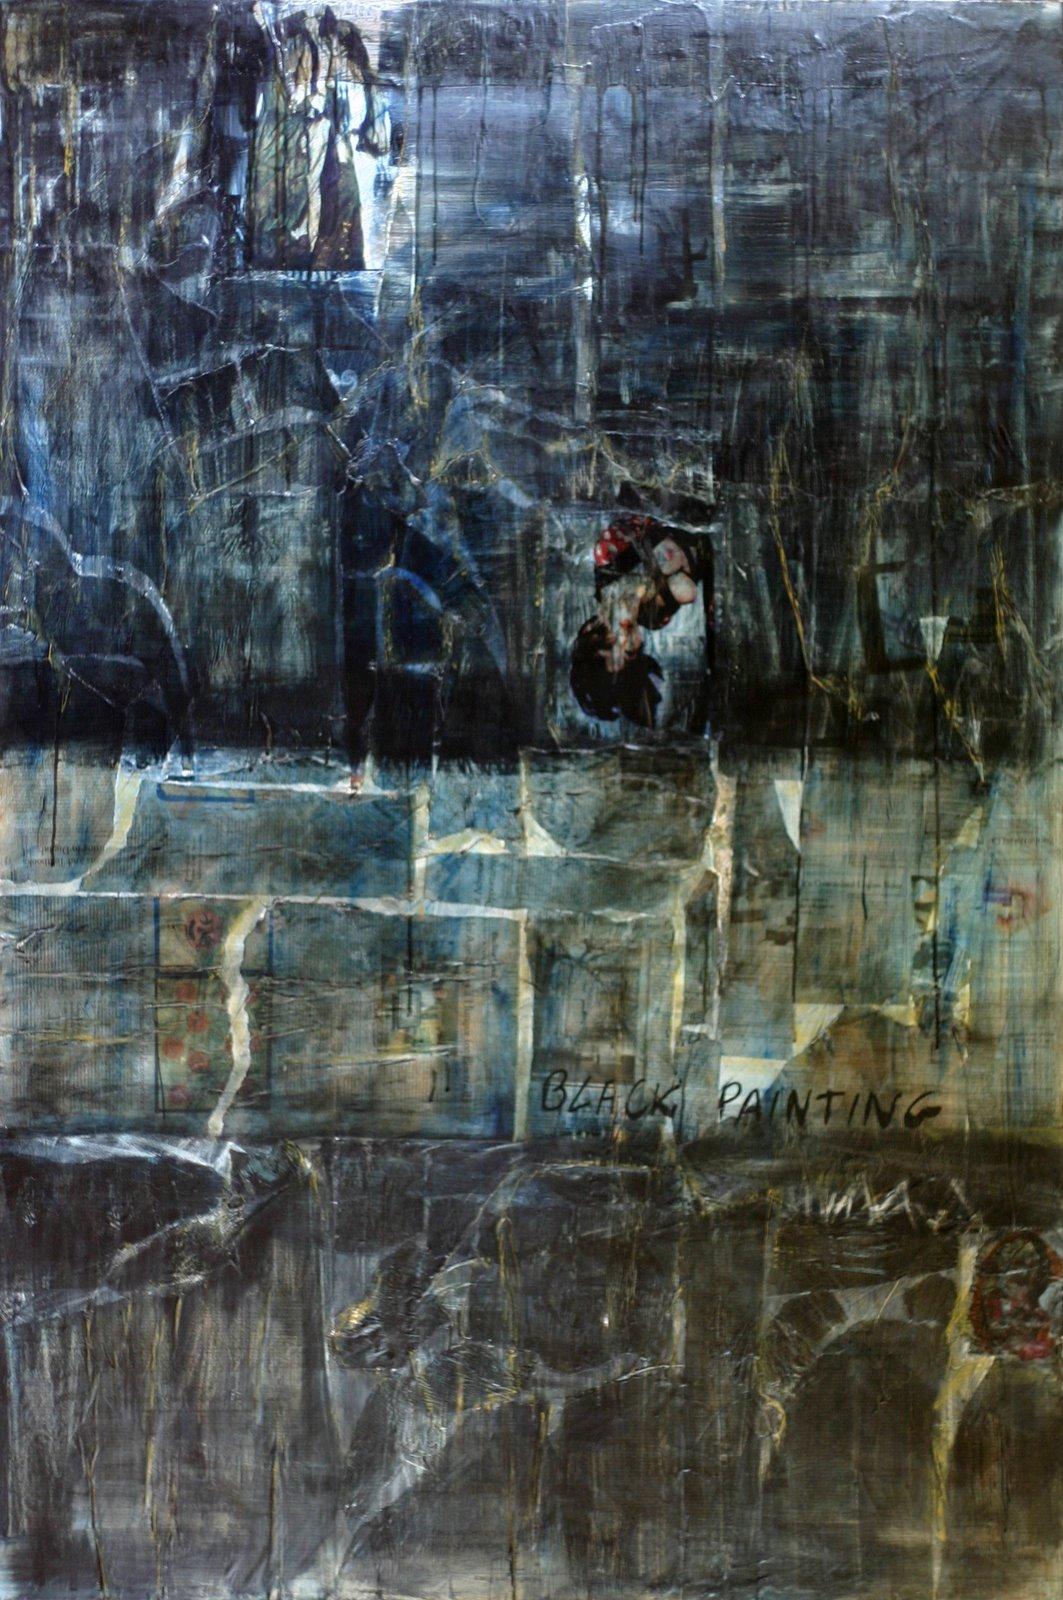 Tableau Contemporain, Black Painting 4. Sophie Costa, artiste peintre.